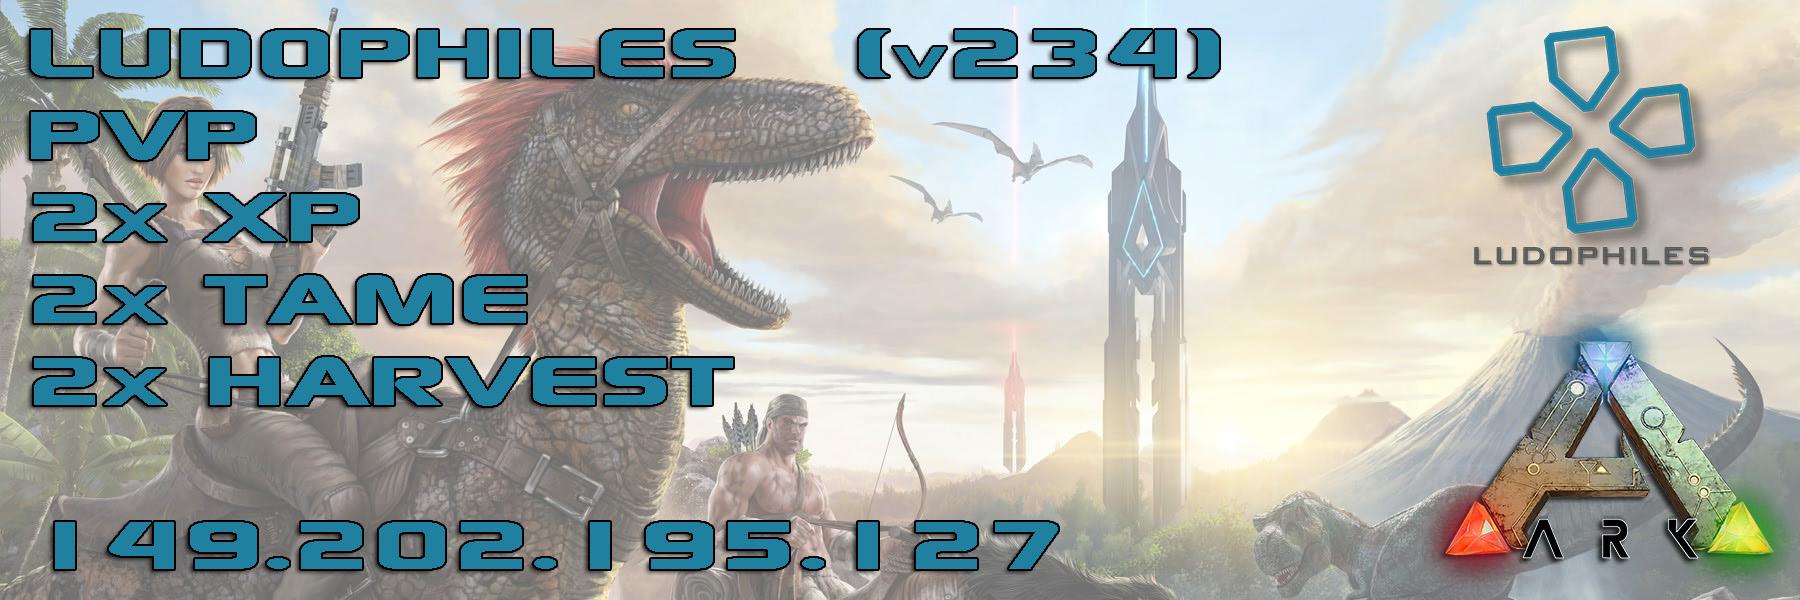 Ark banner v234.jpg